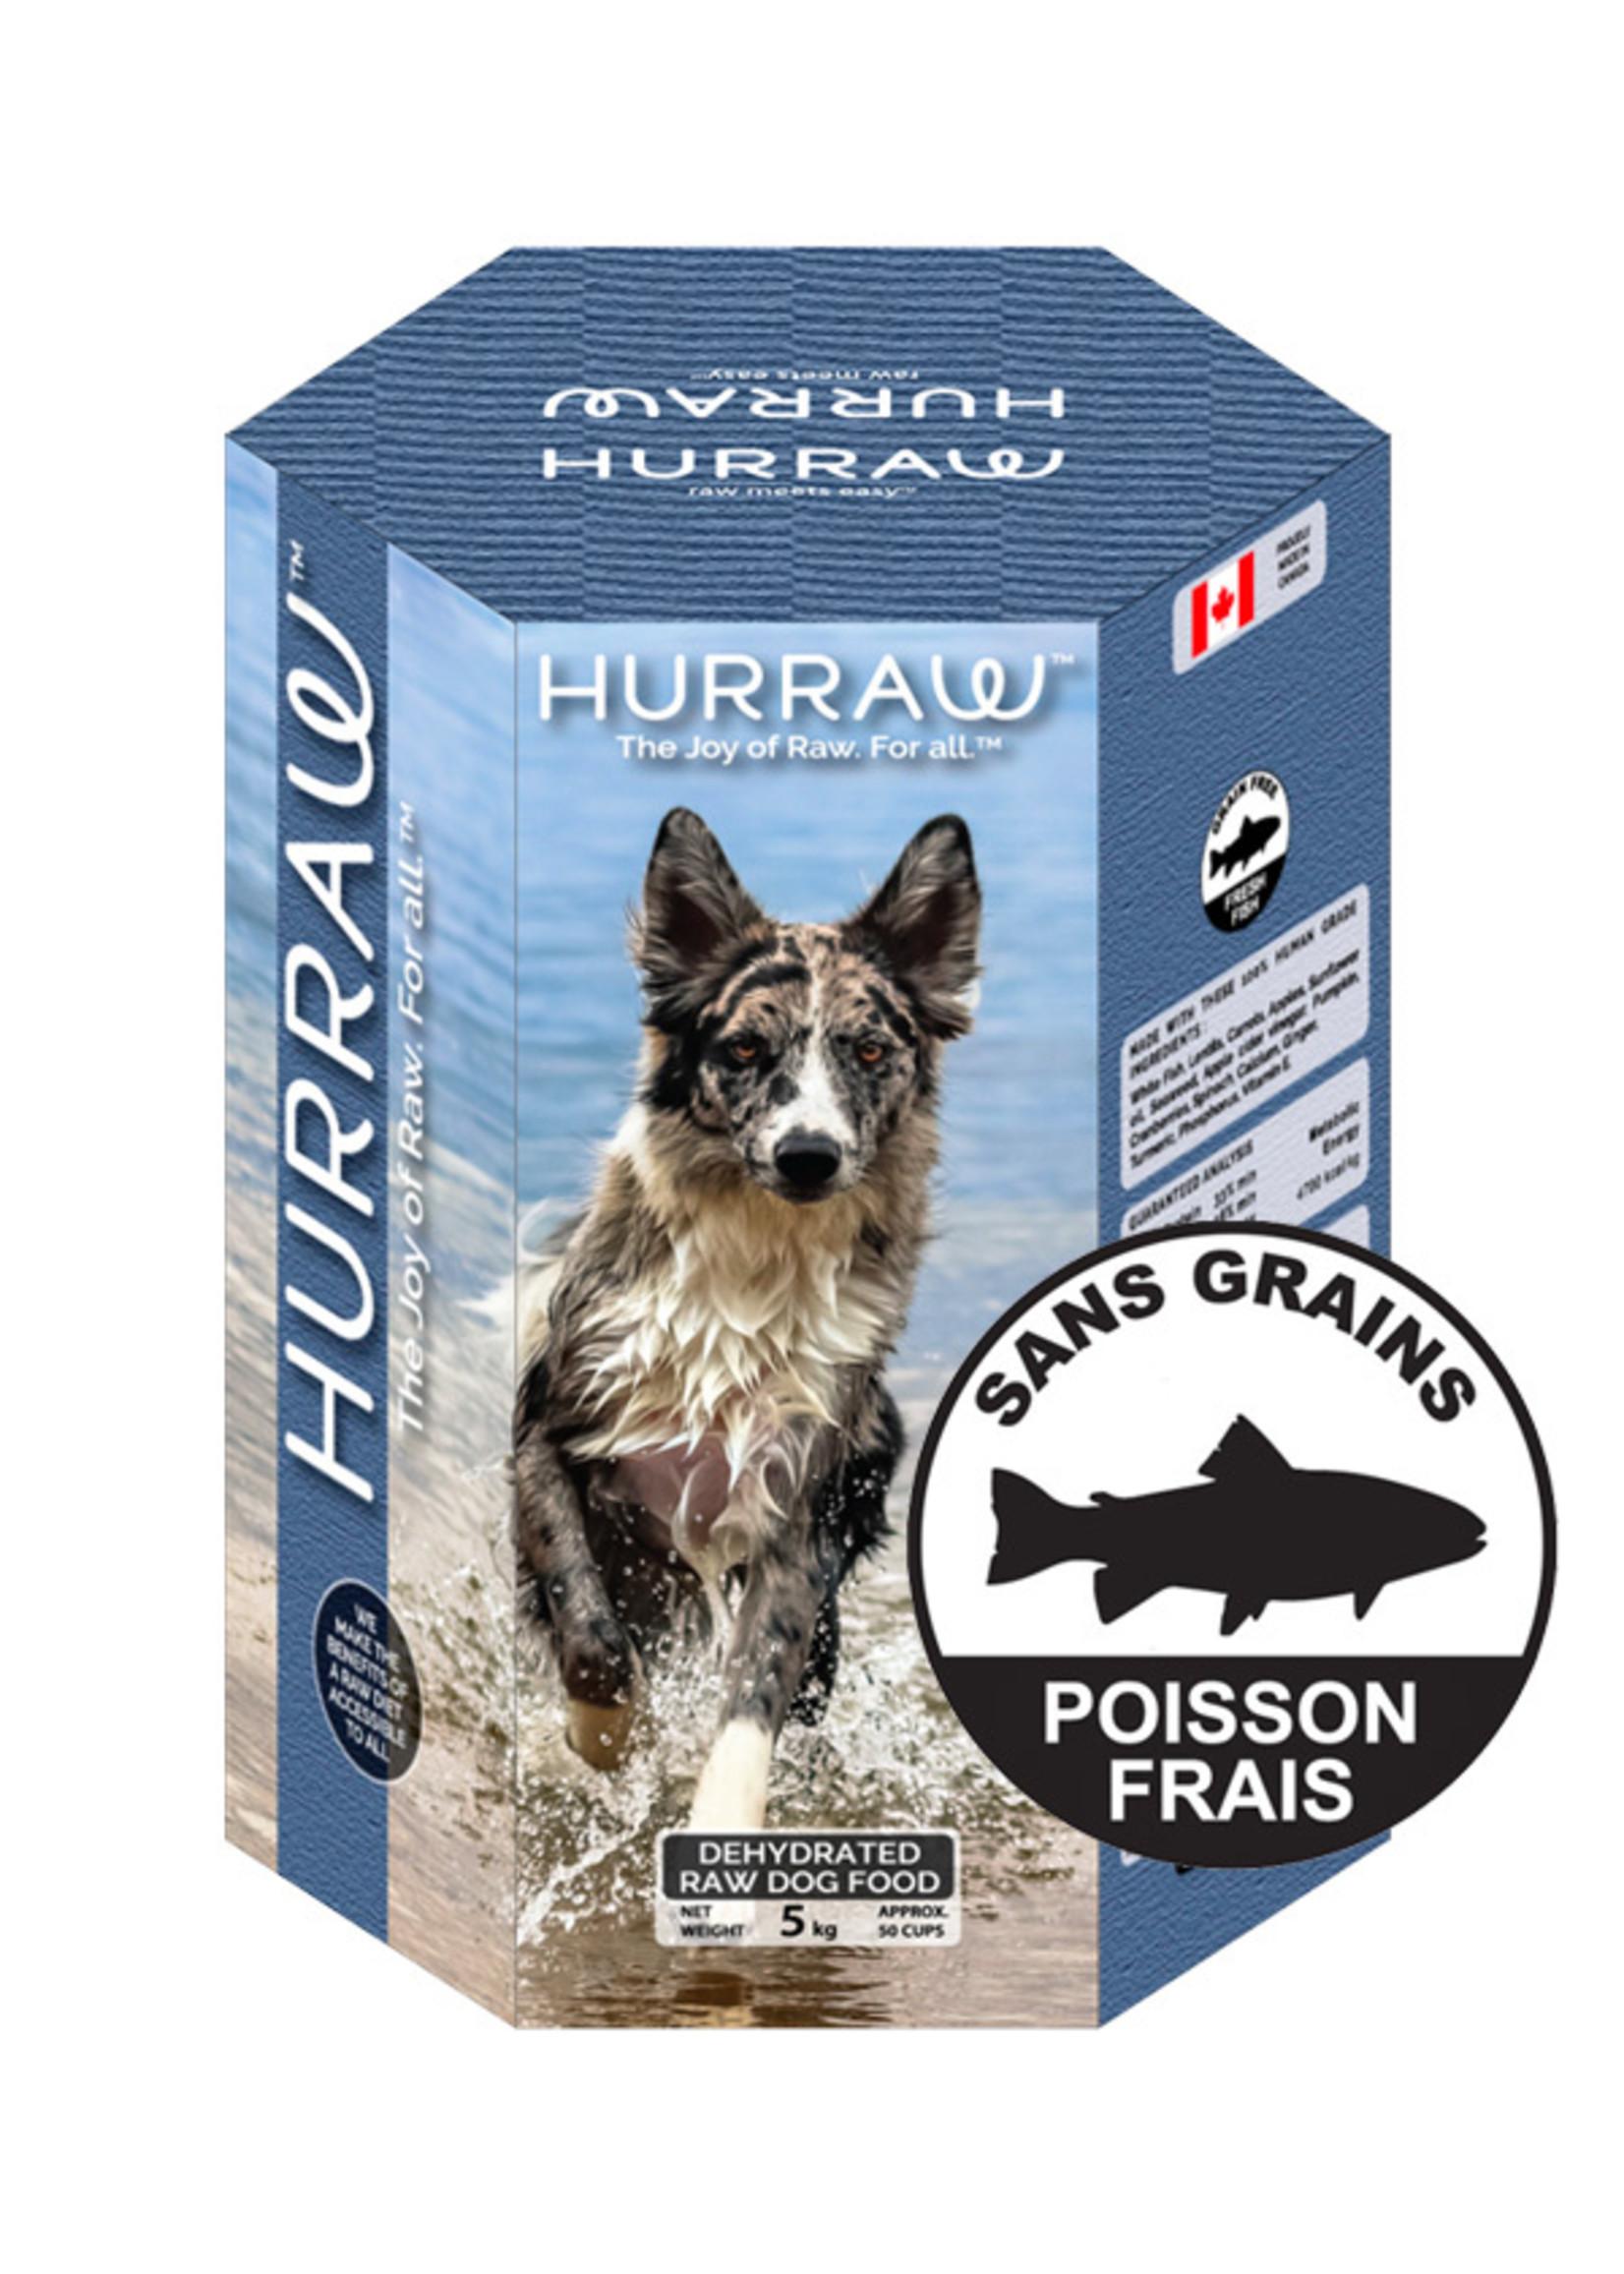 Hurraw Hurraw - Nourriture crue déshydratée pour chiens - Poisson frais 10Kg